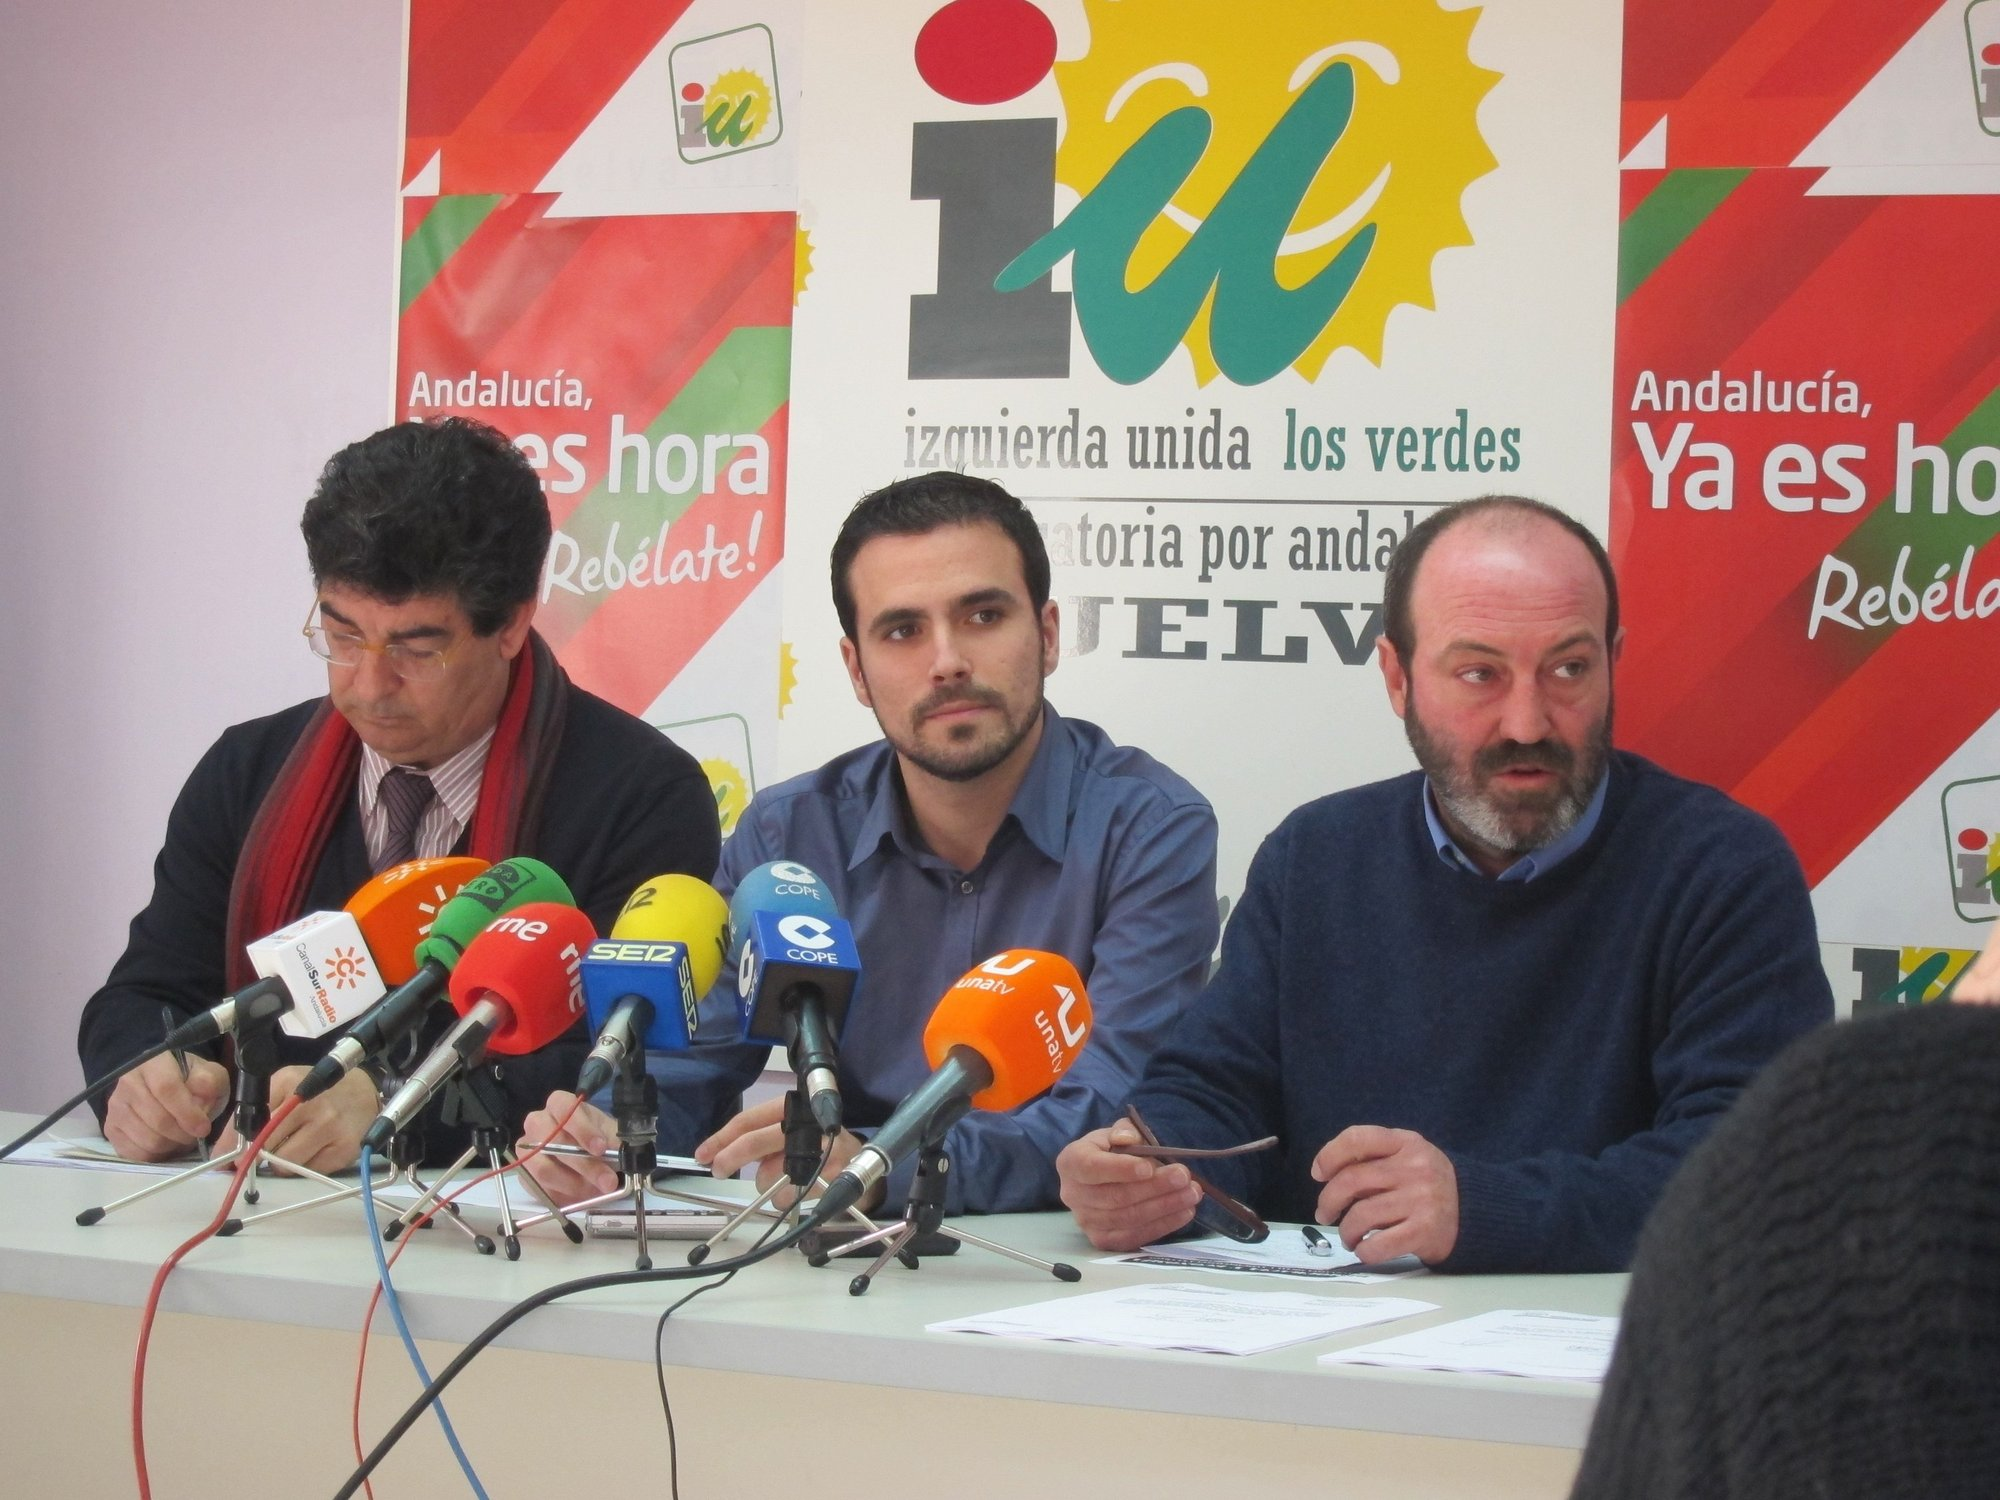 IU pedirá en el Congreso una reunión con Arias Cañete para conocer su posición sobre el oleoducto